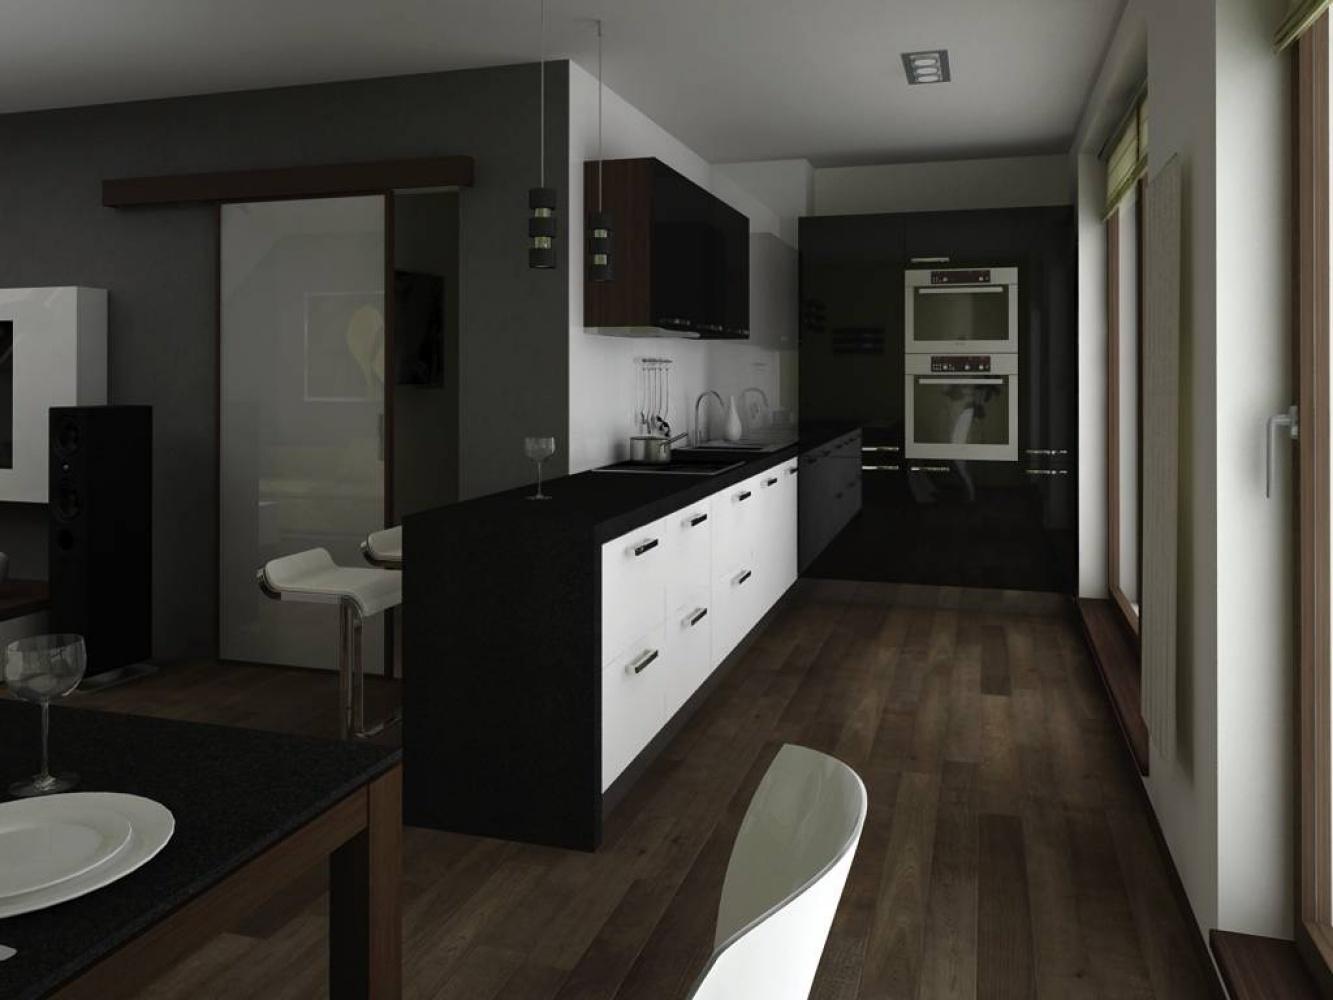 Půdní byt 3+kk, plocha 119 m², ulice Šmilovského, Praha 2 - Vinohrady | 3